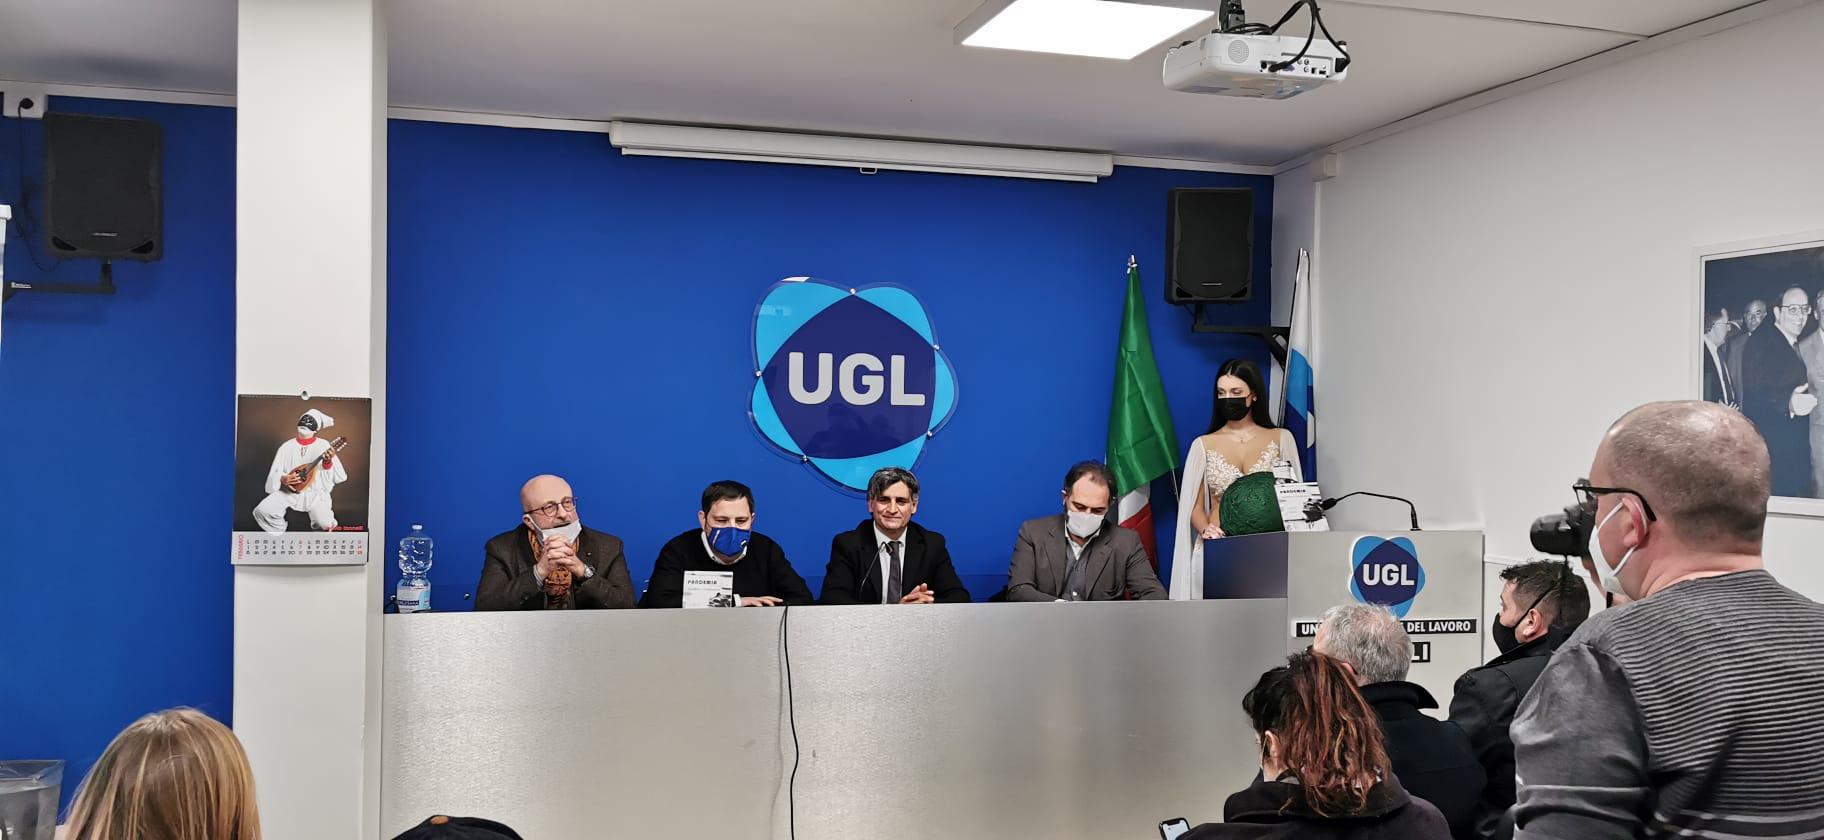 Successo di Angelo Iannelli nell'incontro UGL di Napoli